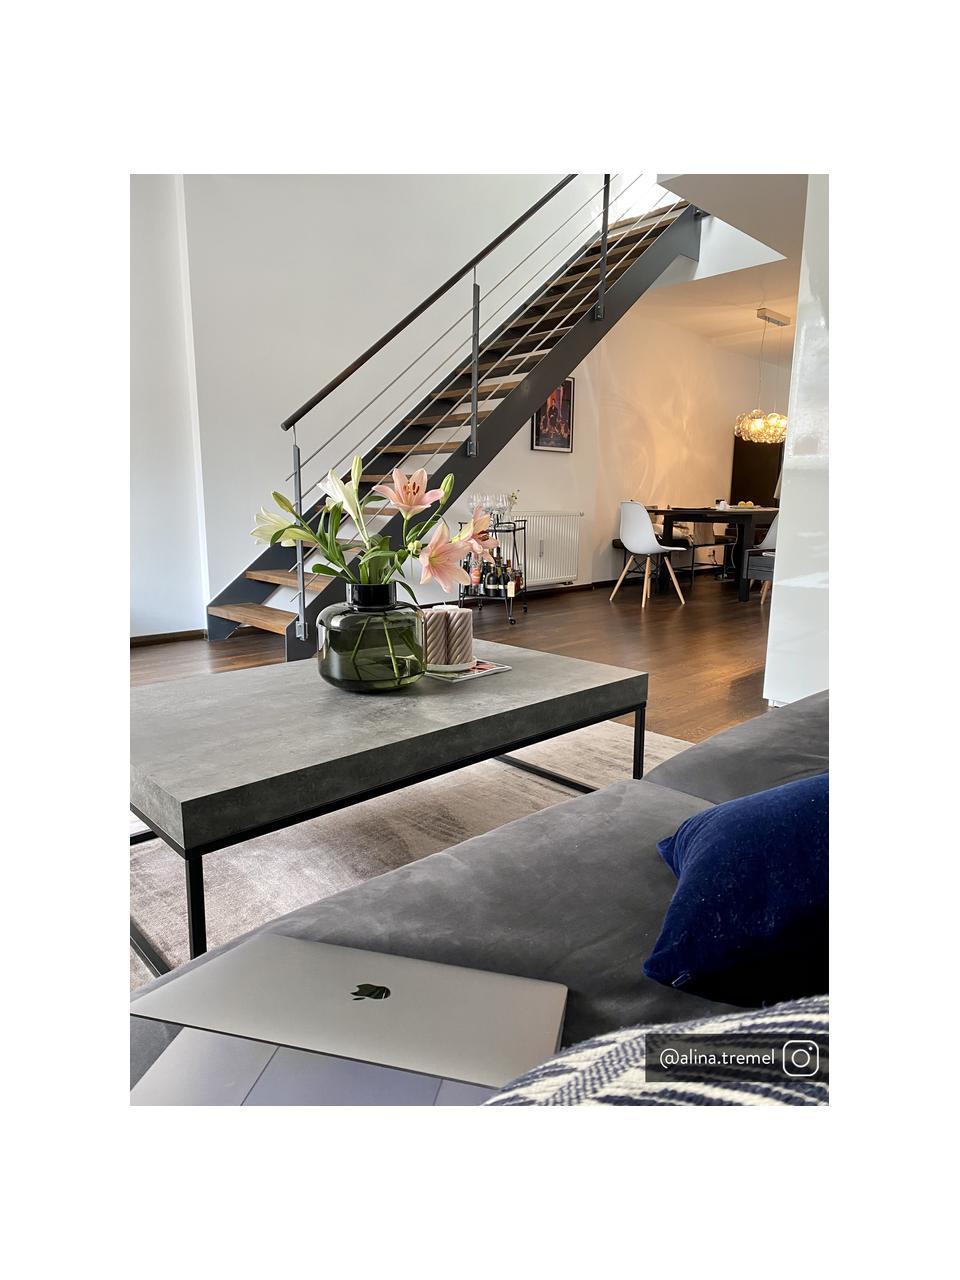 Stolik kawowy z imitacją betonu Ellis, Blat: lekka struktura plastra m, Stelaż: metal lakierowany, Imitacja betonu, S 120 x G 75 cm